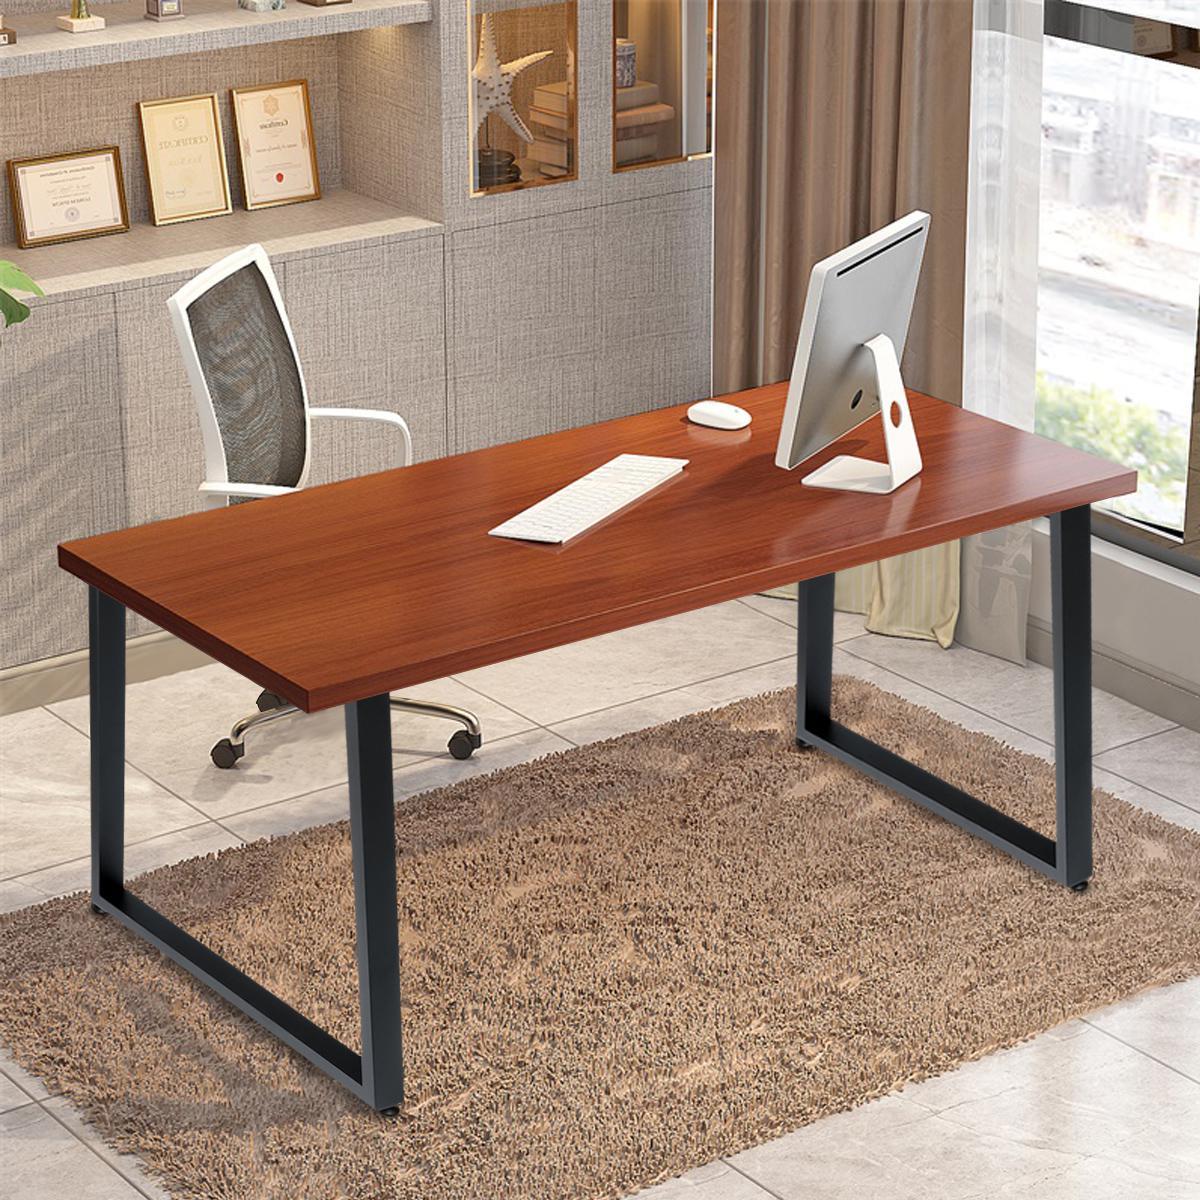 2pcs coffee table legs bench legs diy industrial metal vintage furniture legs 66cm